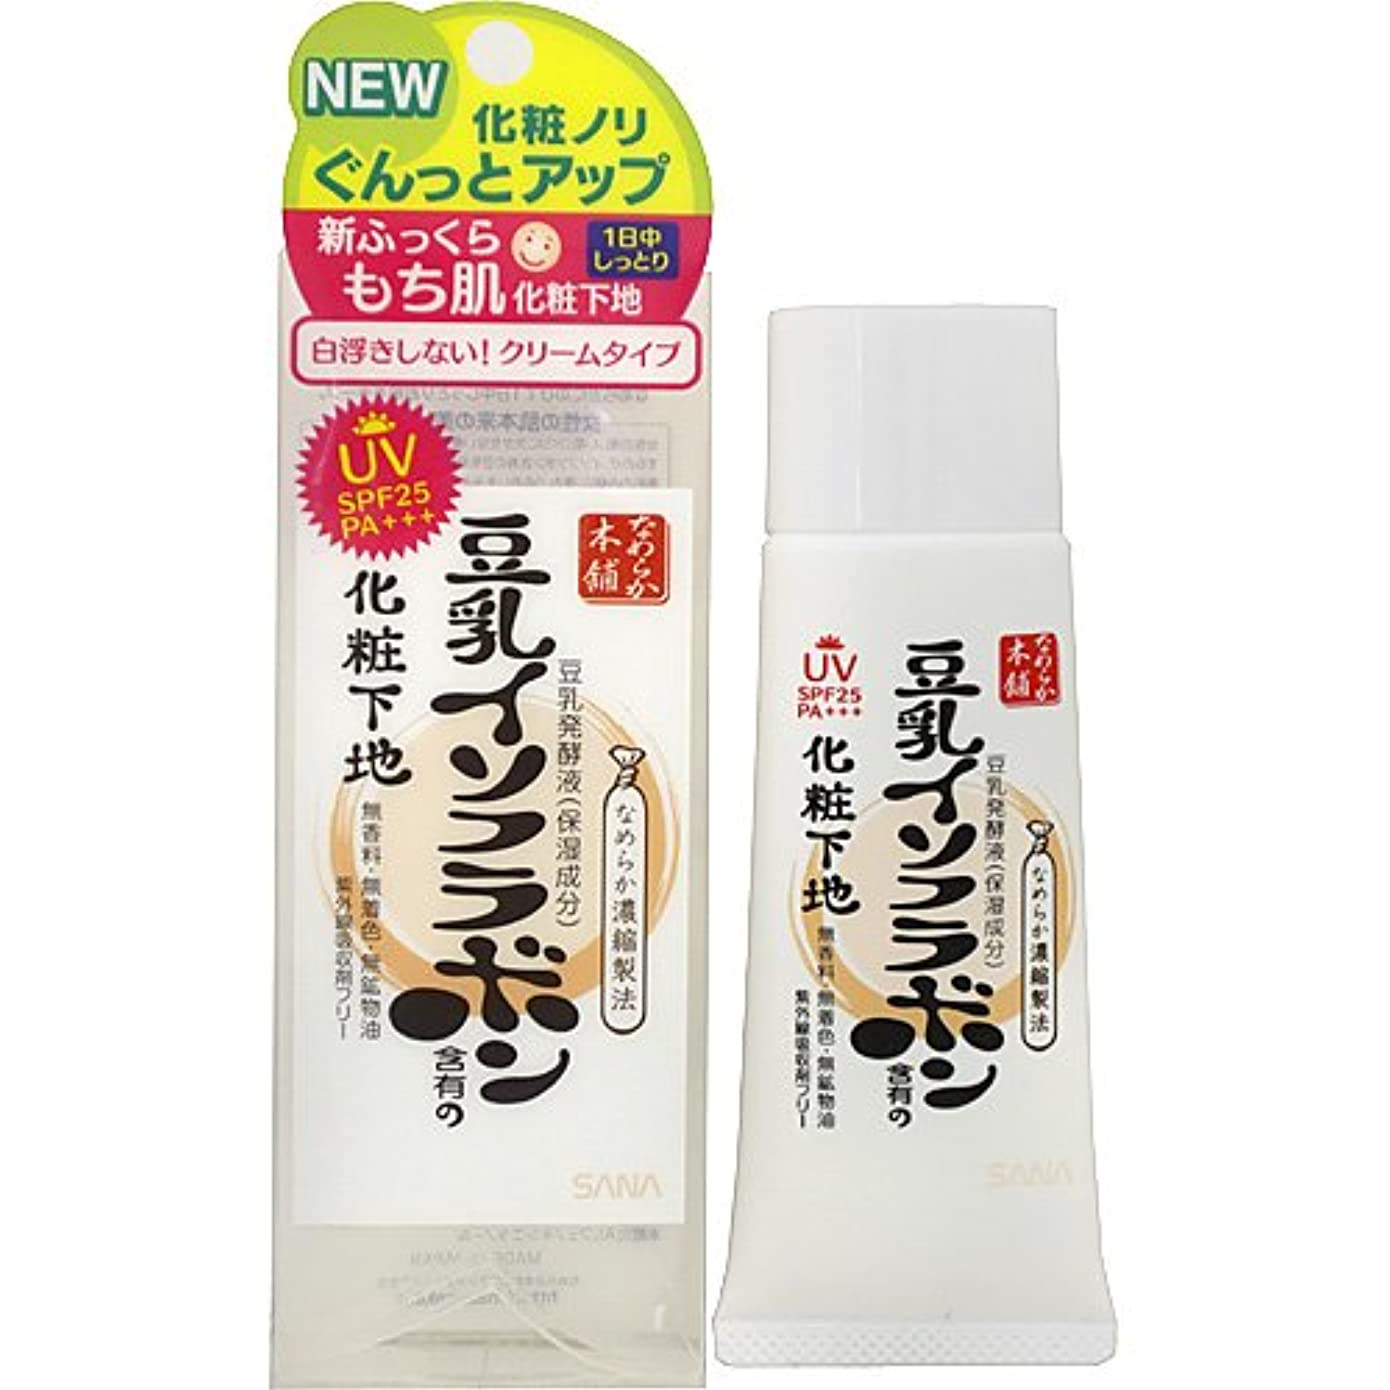 見通しバケット特許サナ なめらか本舗 豆乳イソフラボン含有のUV化粧下地N 40g x 3